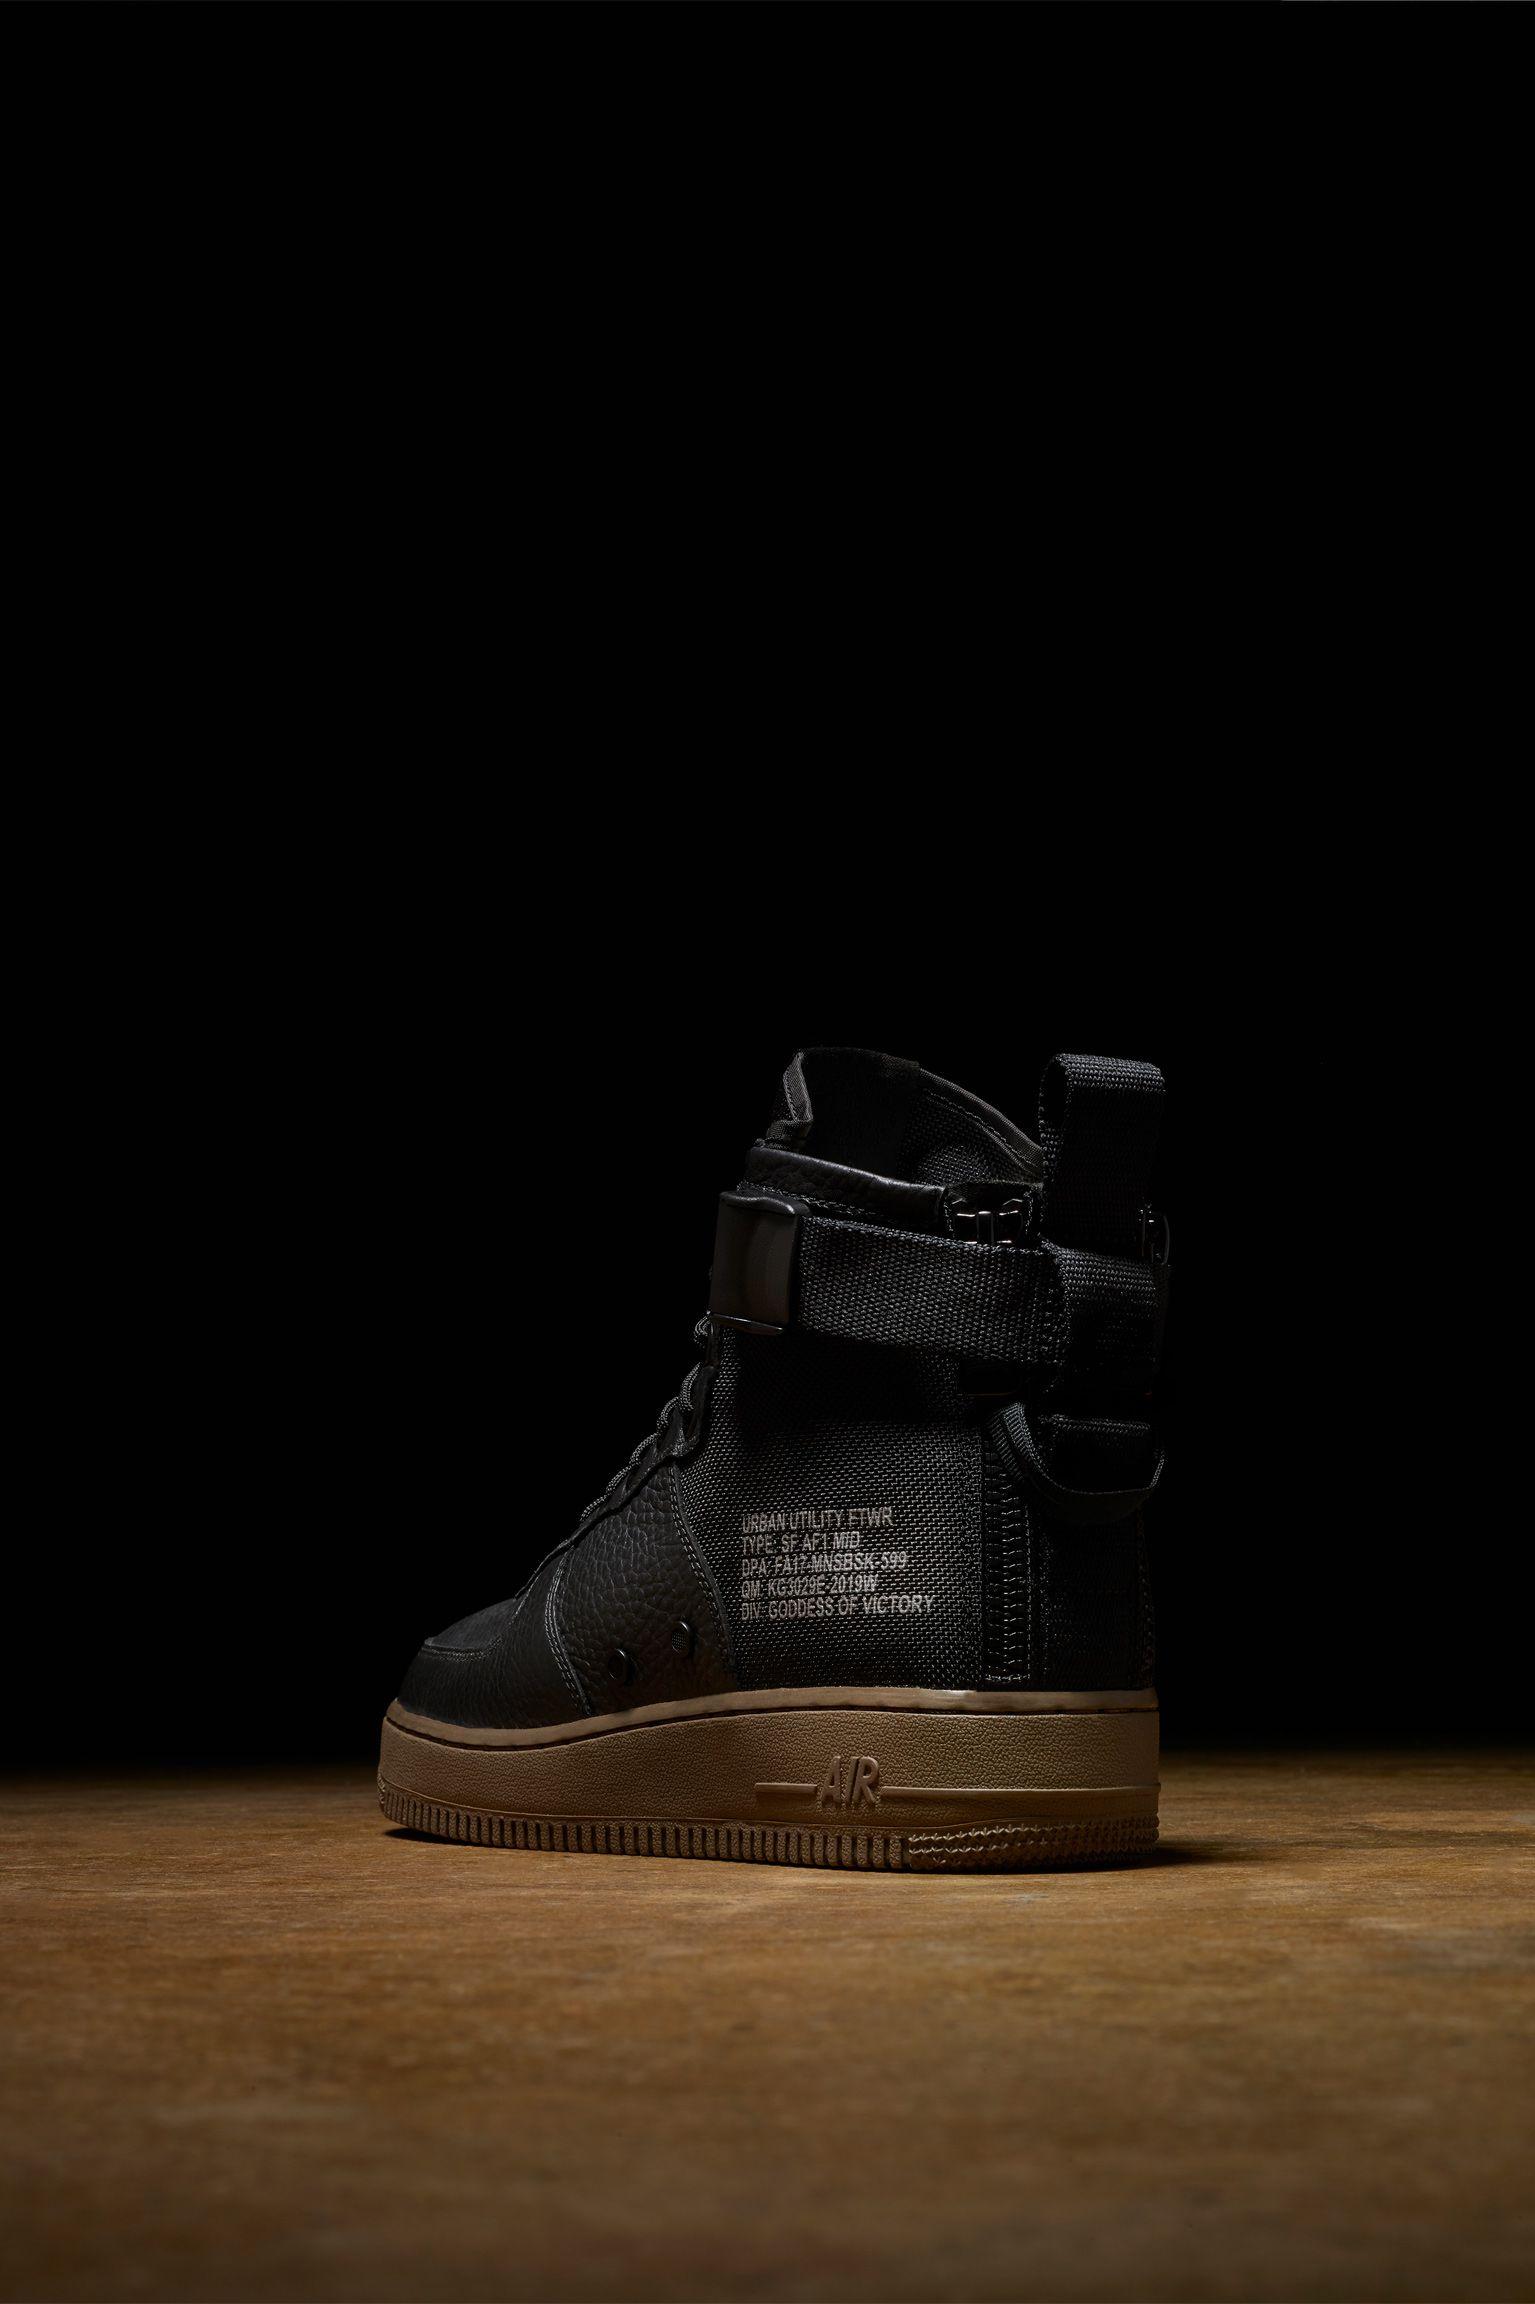 Nike Af 1 Sf 'blackamp; Mid Dark Hazel'Nike YWEH9ebD2I